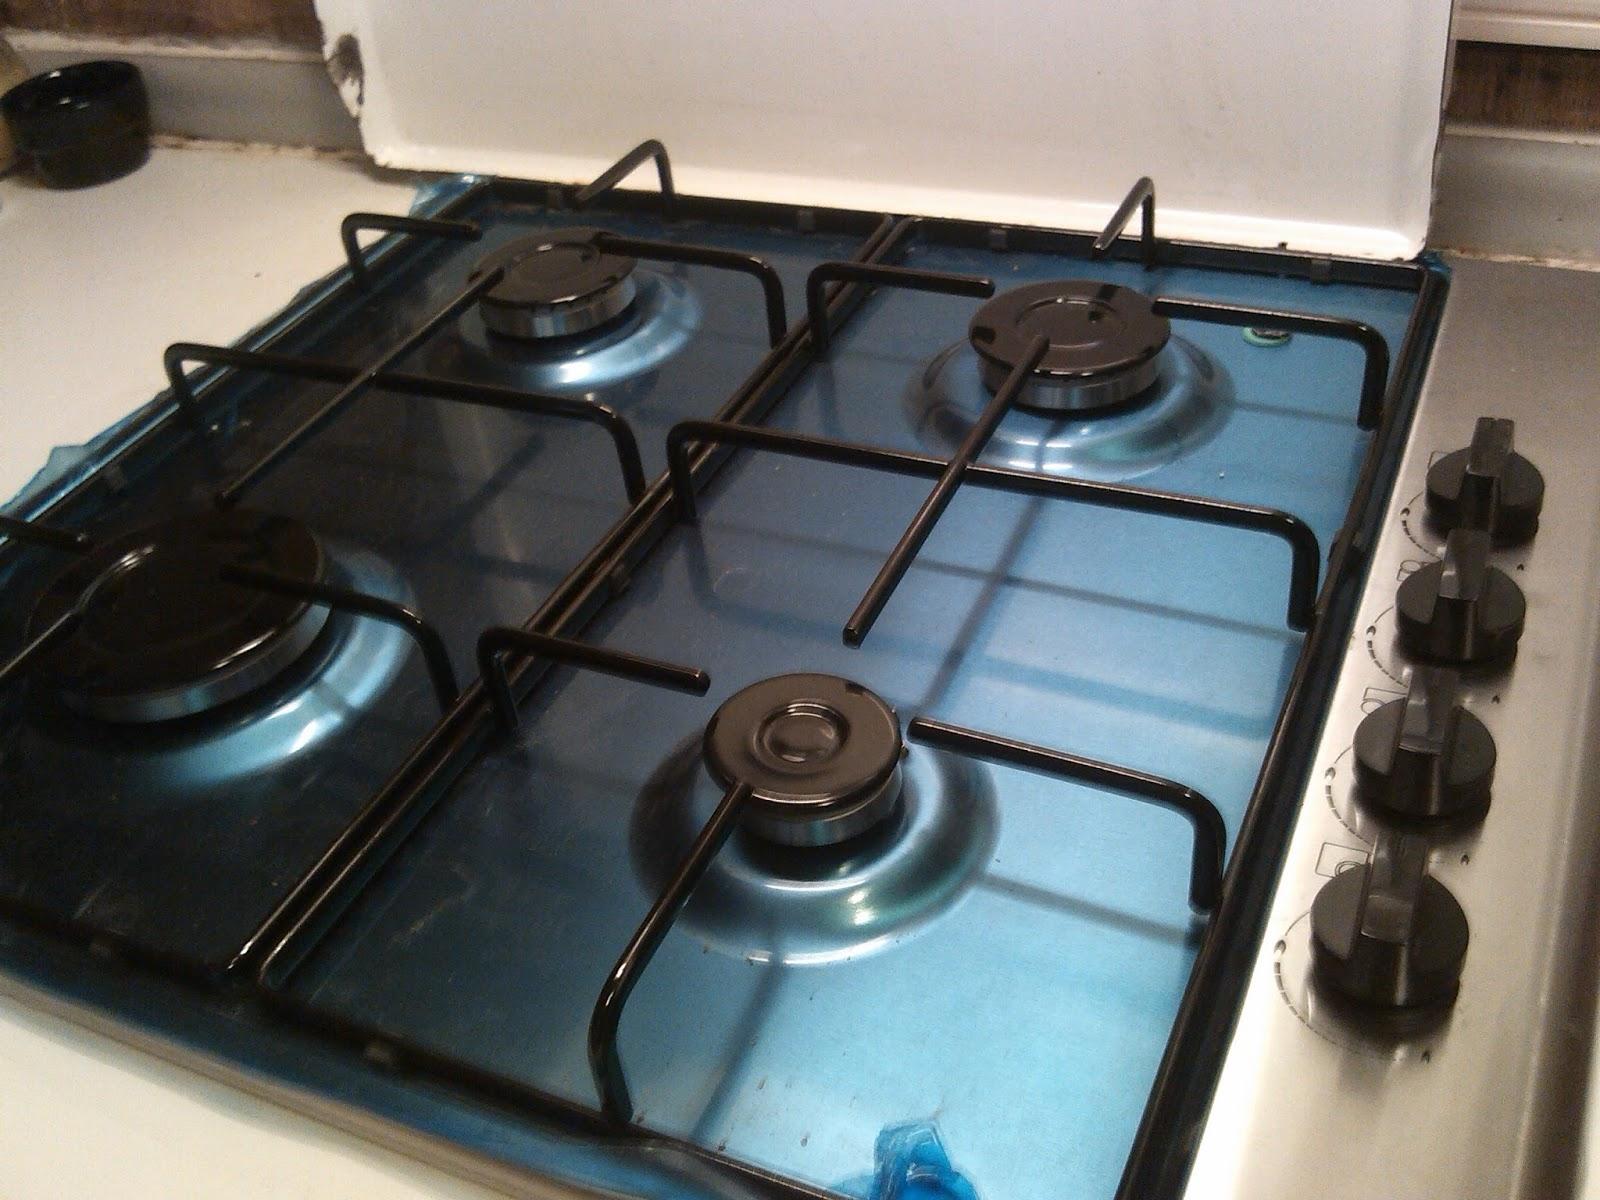 Marta manitas cambiar la encimera de la cocina - Cambiar encimera cocina ...